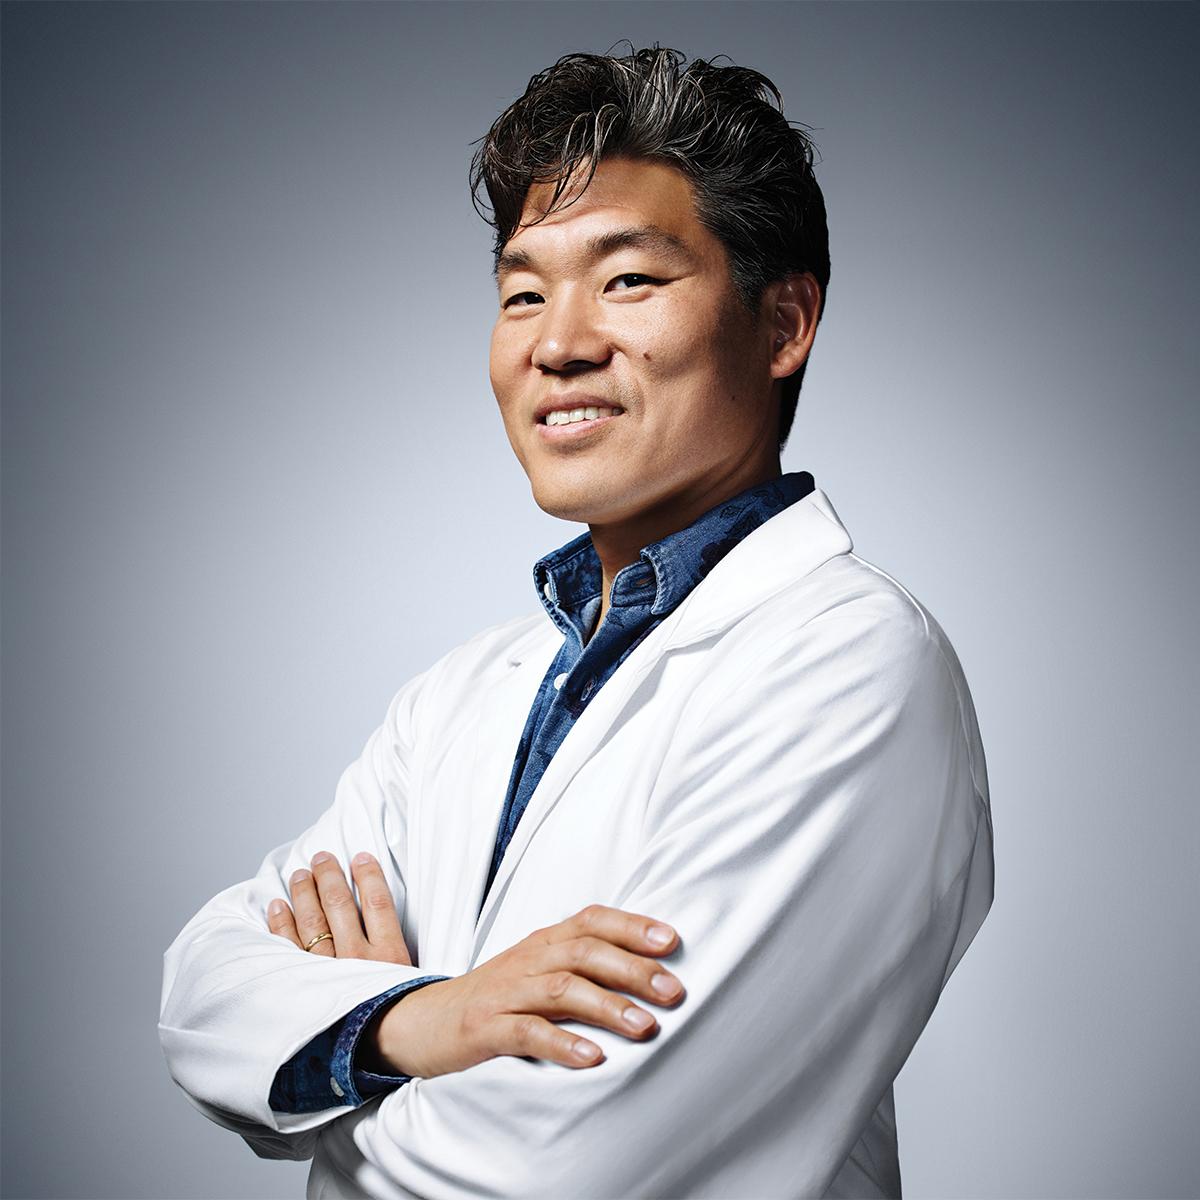 kj seung tuberculosis doctor north korea